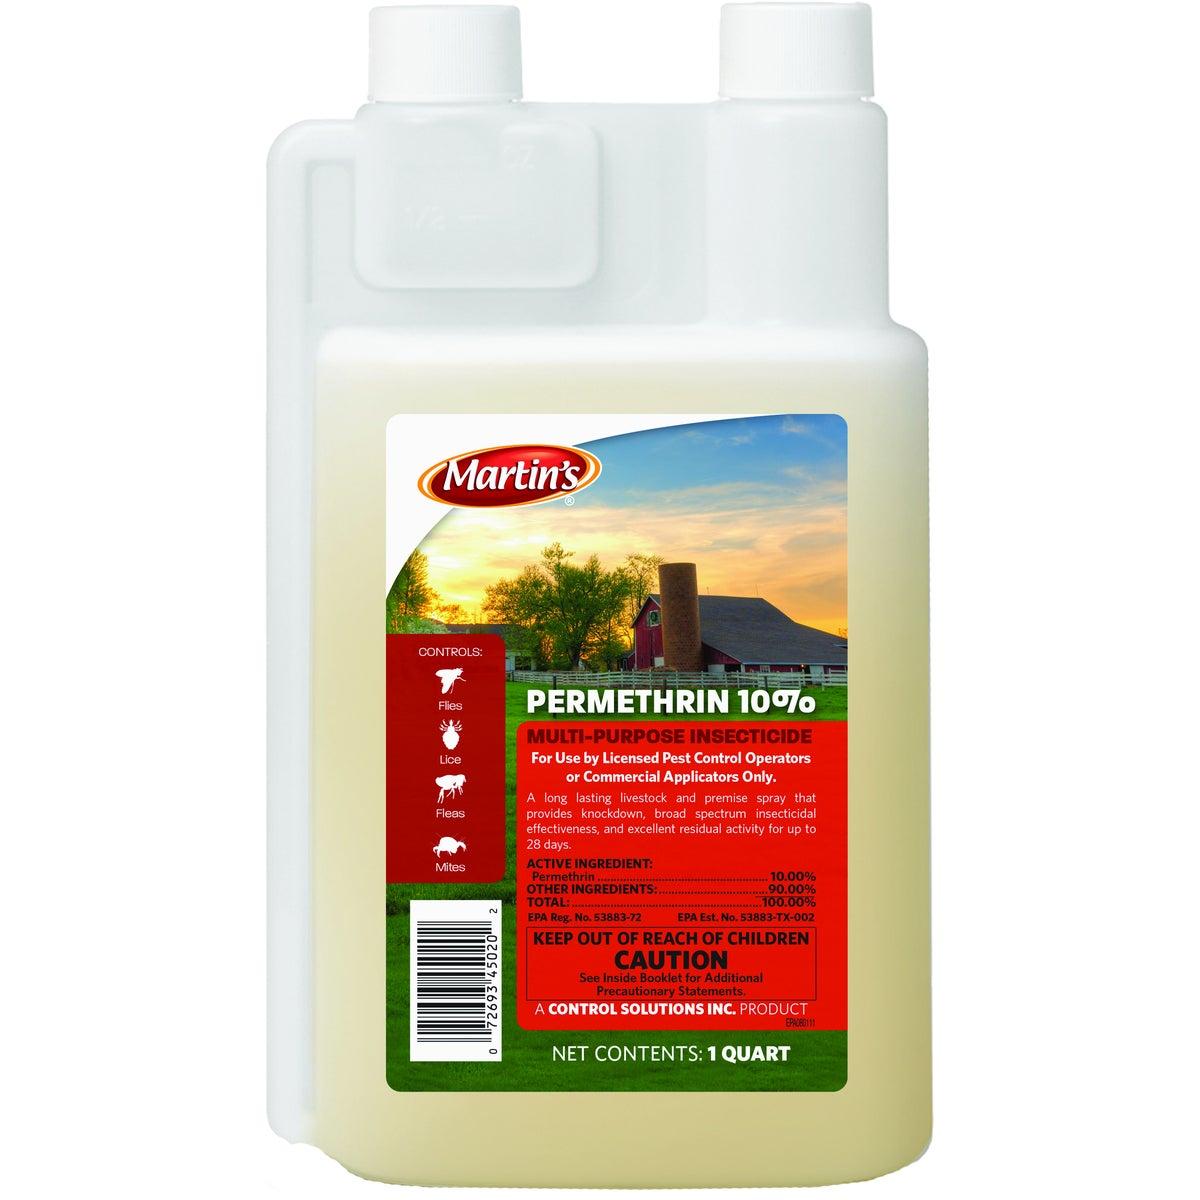 Permethrin 10% Multi-Purpose Insect Killer